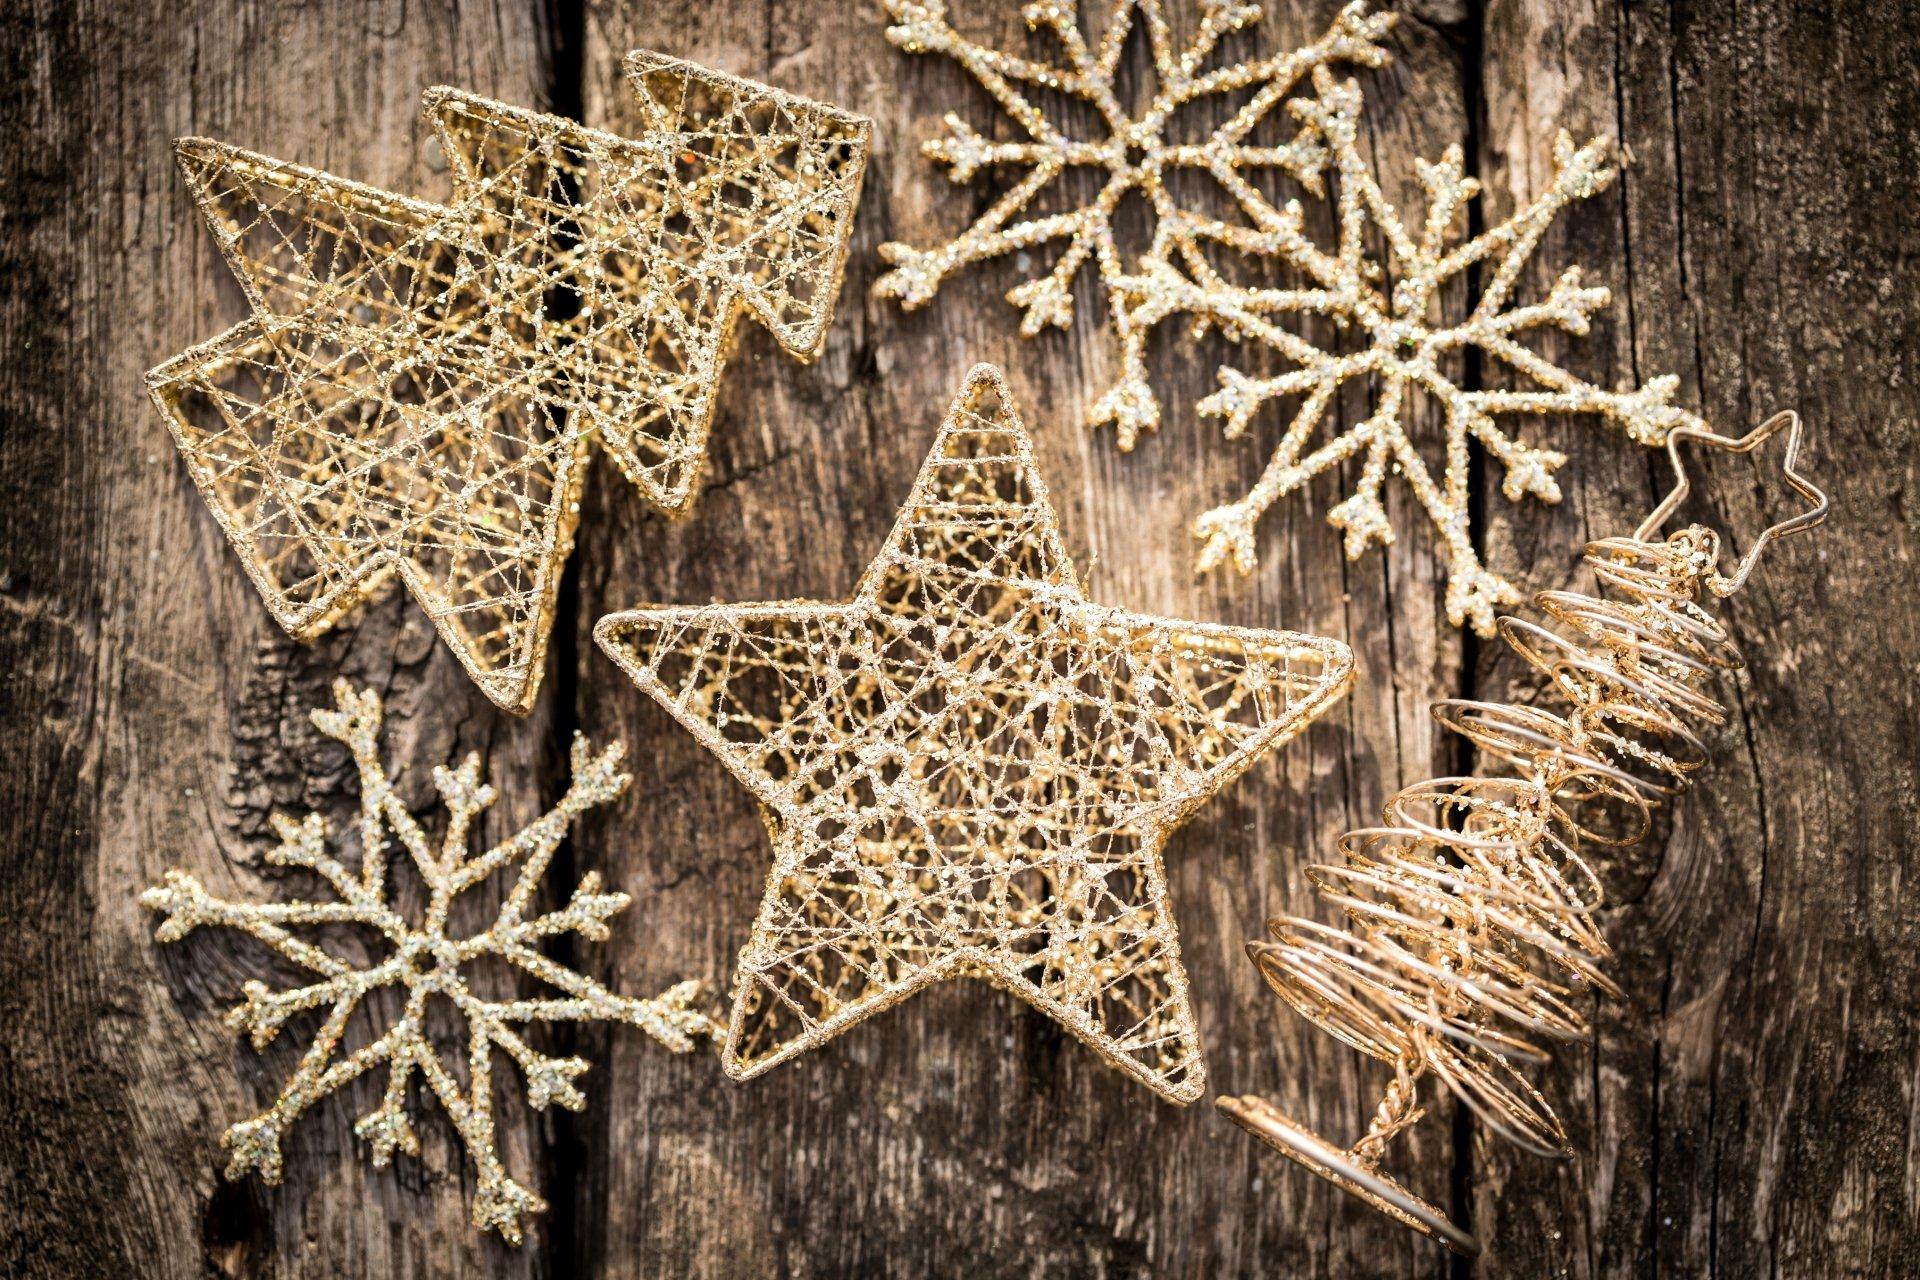 节日 - 圣诞节  Decoration 雪花 Star 木质 壁纸